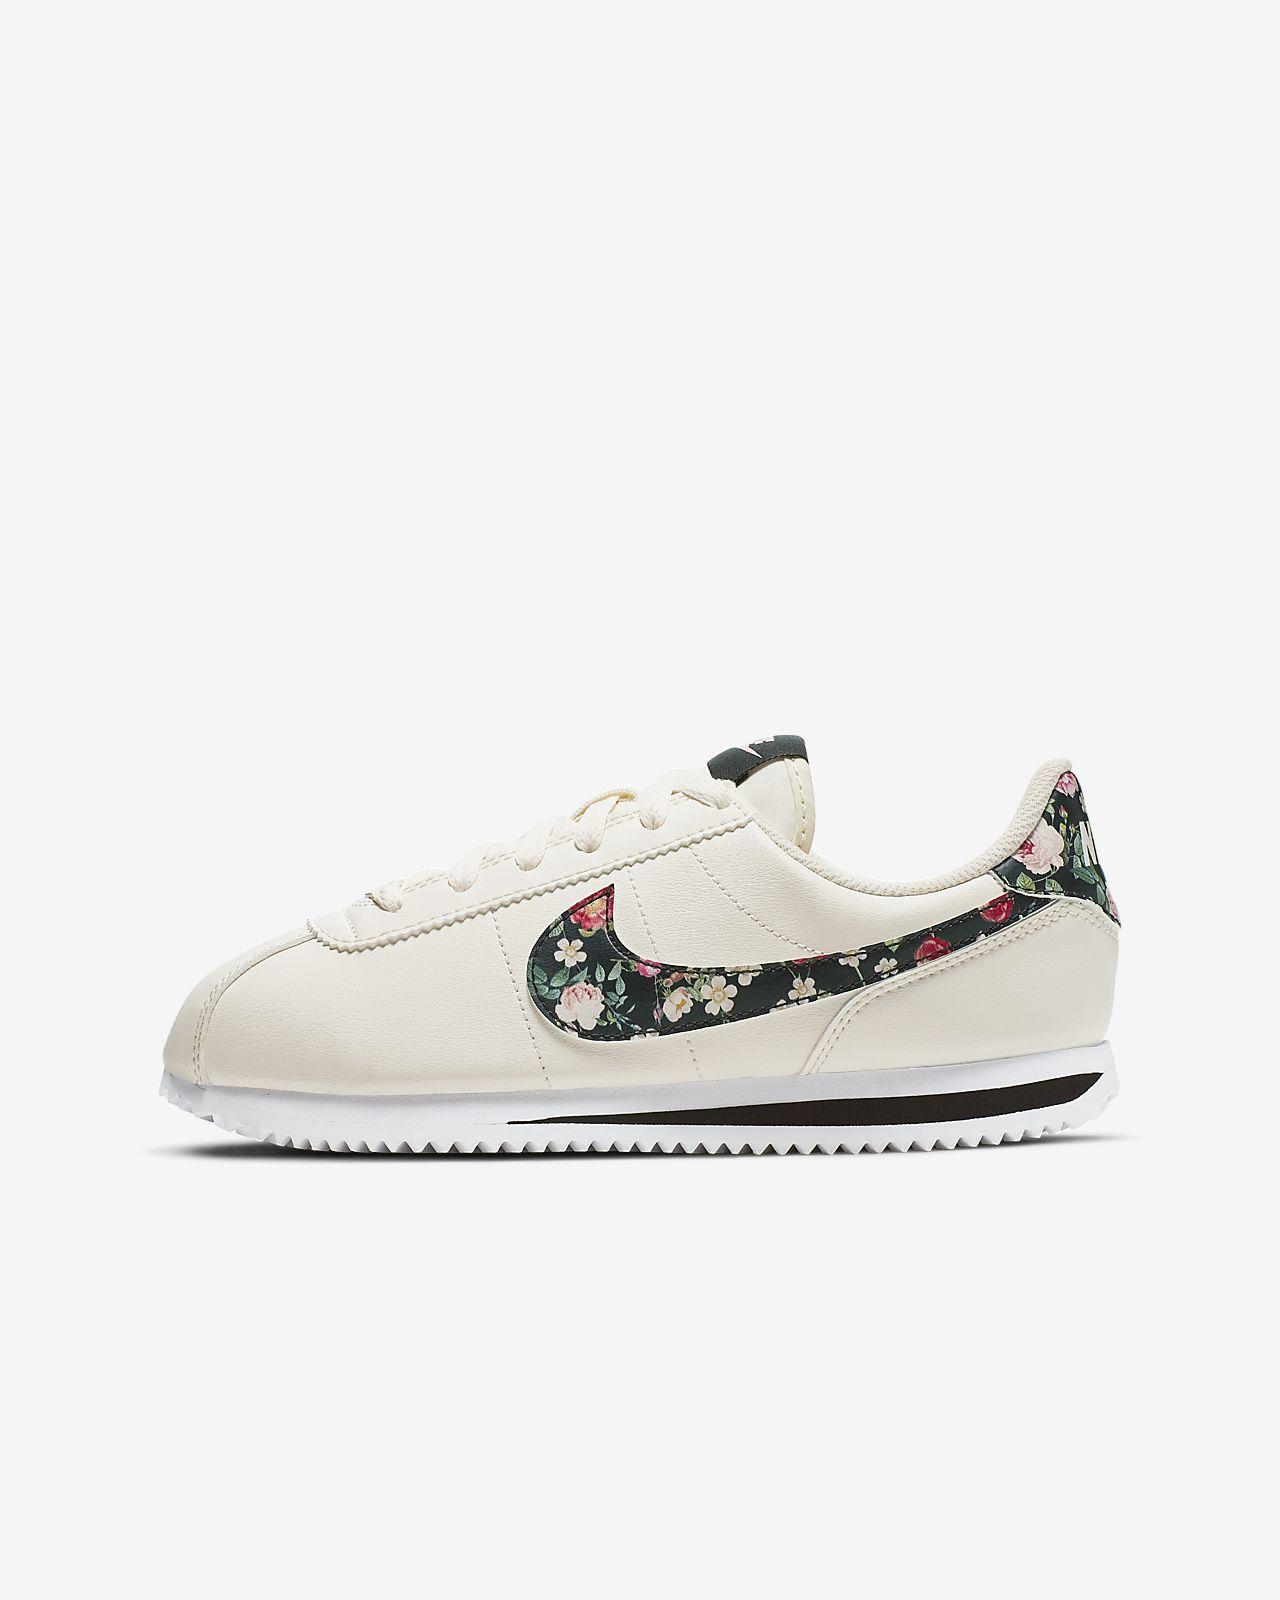 Calzado para niños talla grande Nike Cortez Basic Vintage Floral